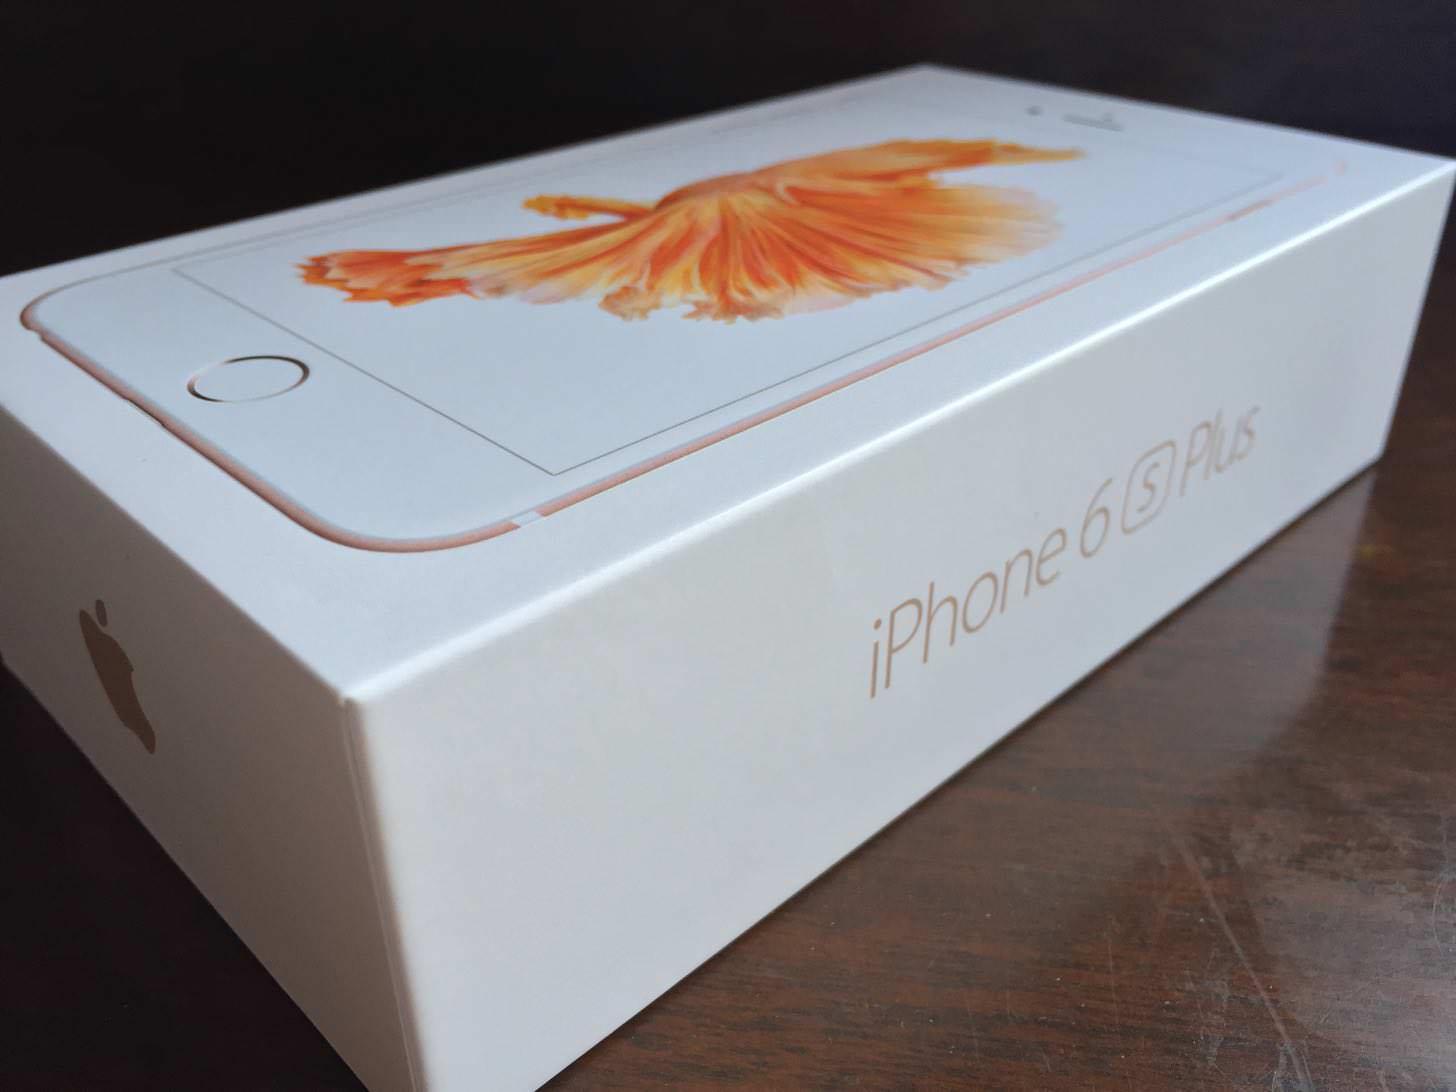 iPhone 6s Plus ローズゴールド 64GBの箱